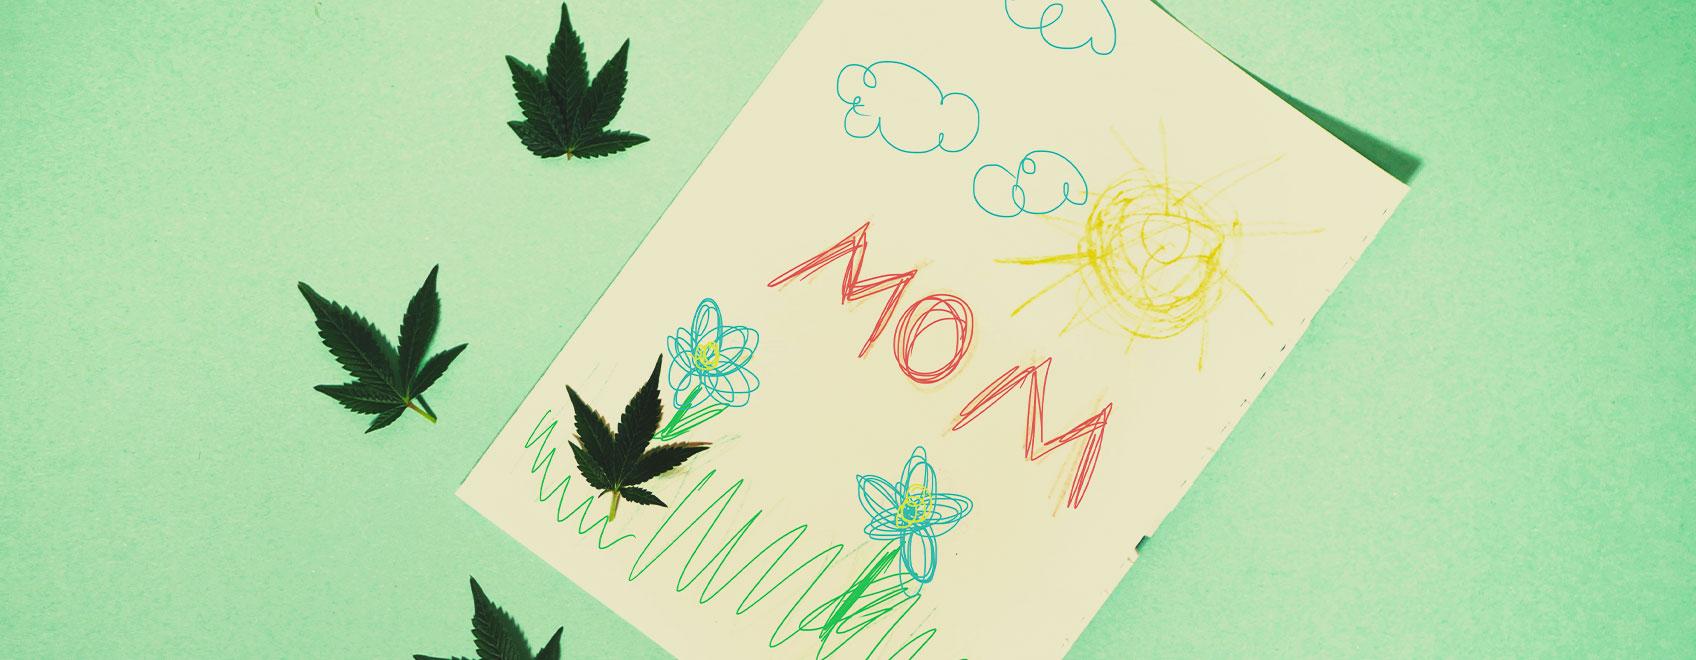 Qual è la cosa più preziosa della cannabis che i nostri figli dovrebbero imparare da noi?